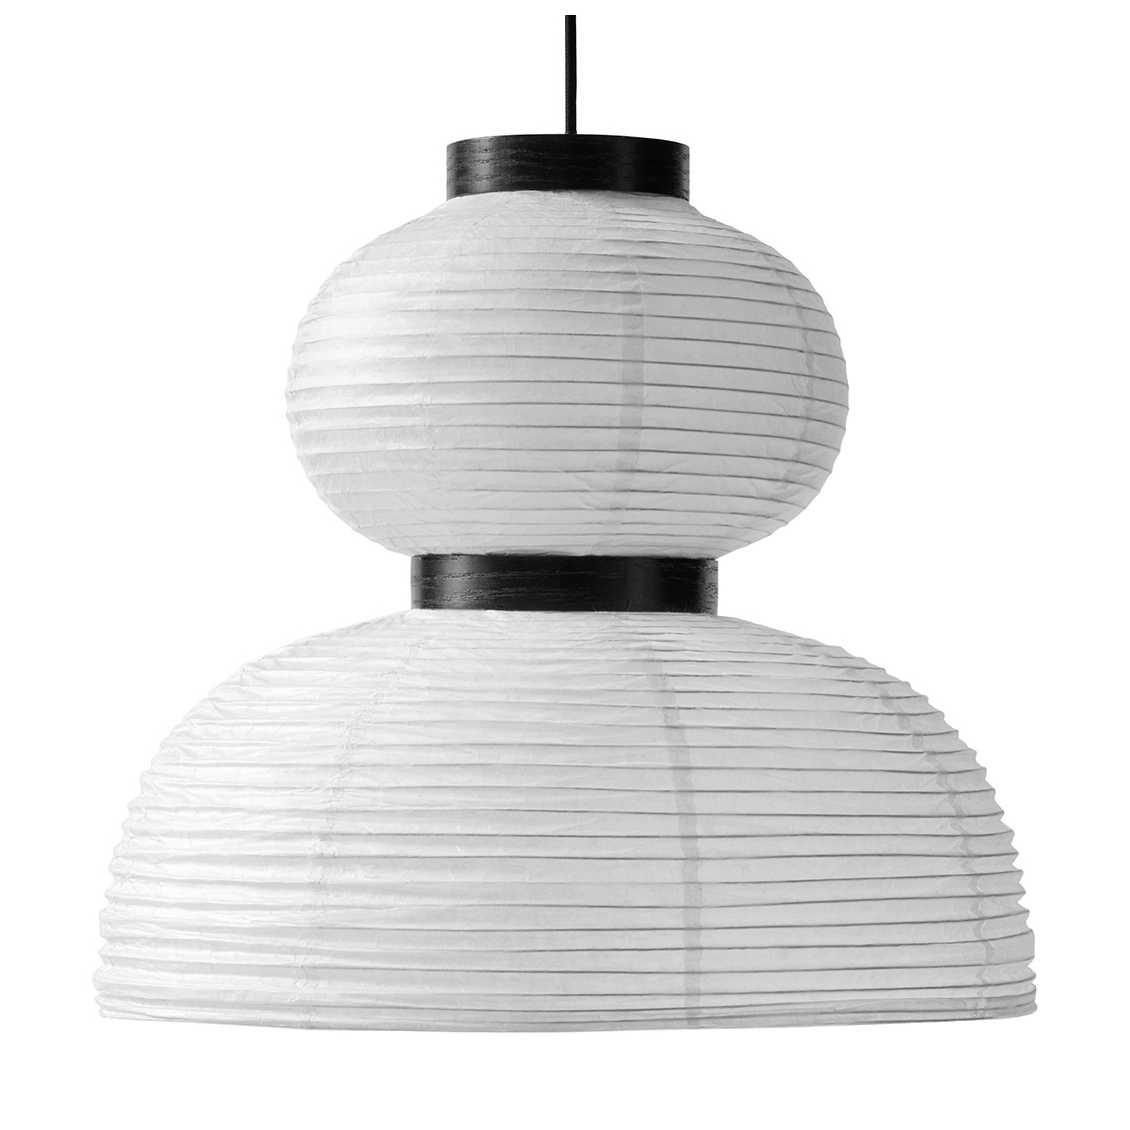 Formakami Pendant Lamp  JH4-1